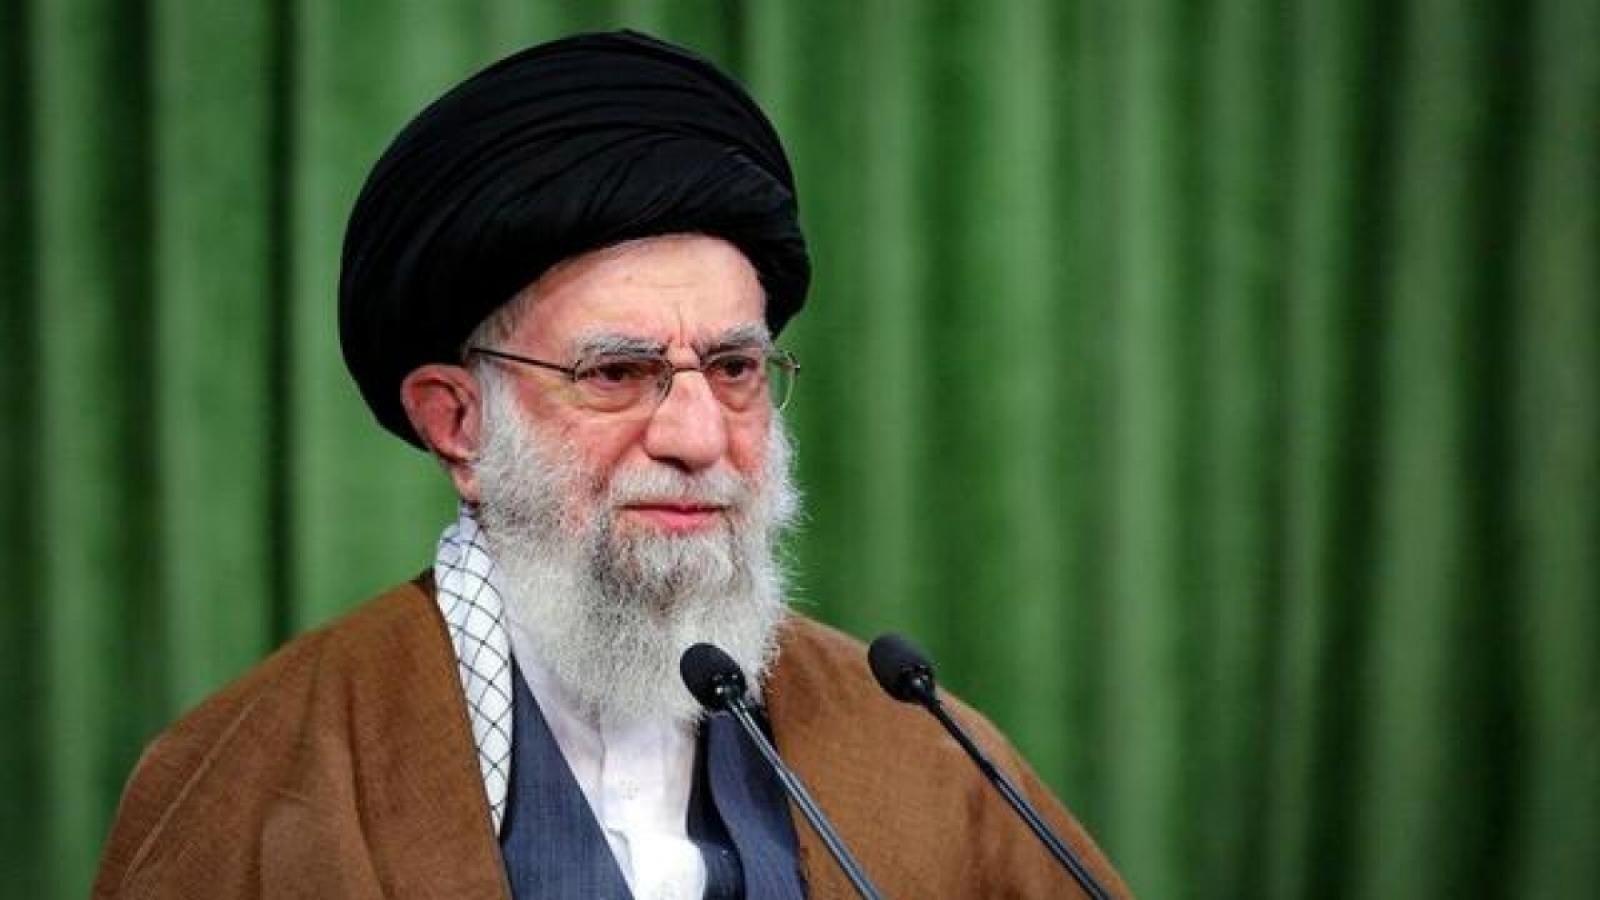 Đại giáo chủ Iran tiêm vaccine Covid-19 nội địa, tuyên bố không nhập vaccine của Anh, Mỹ